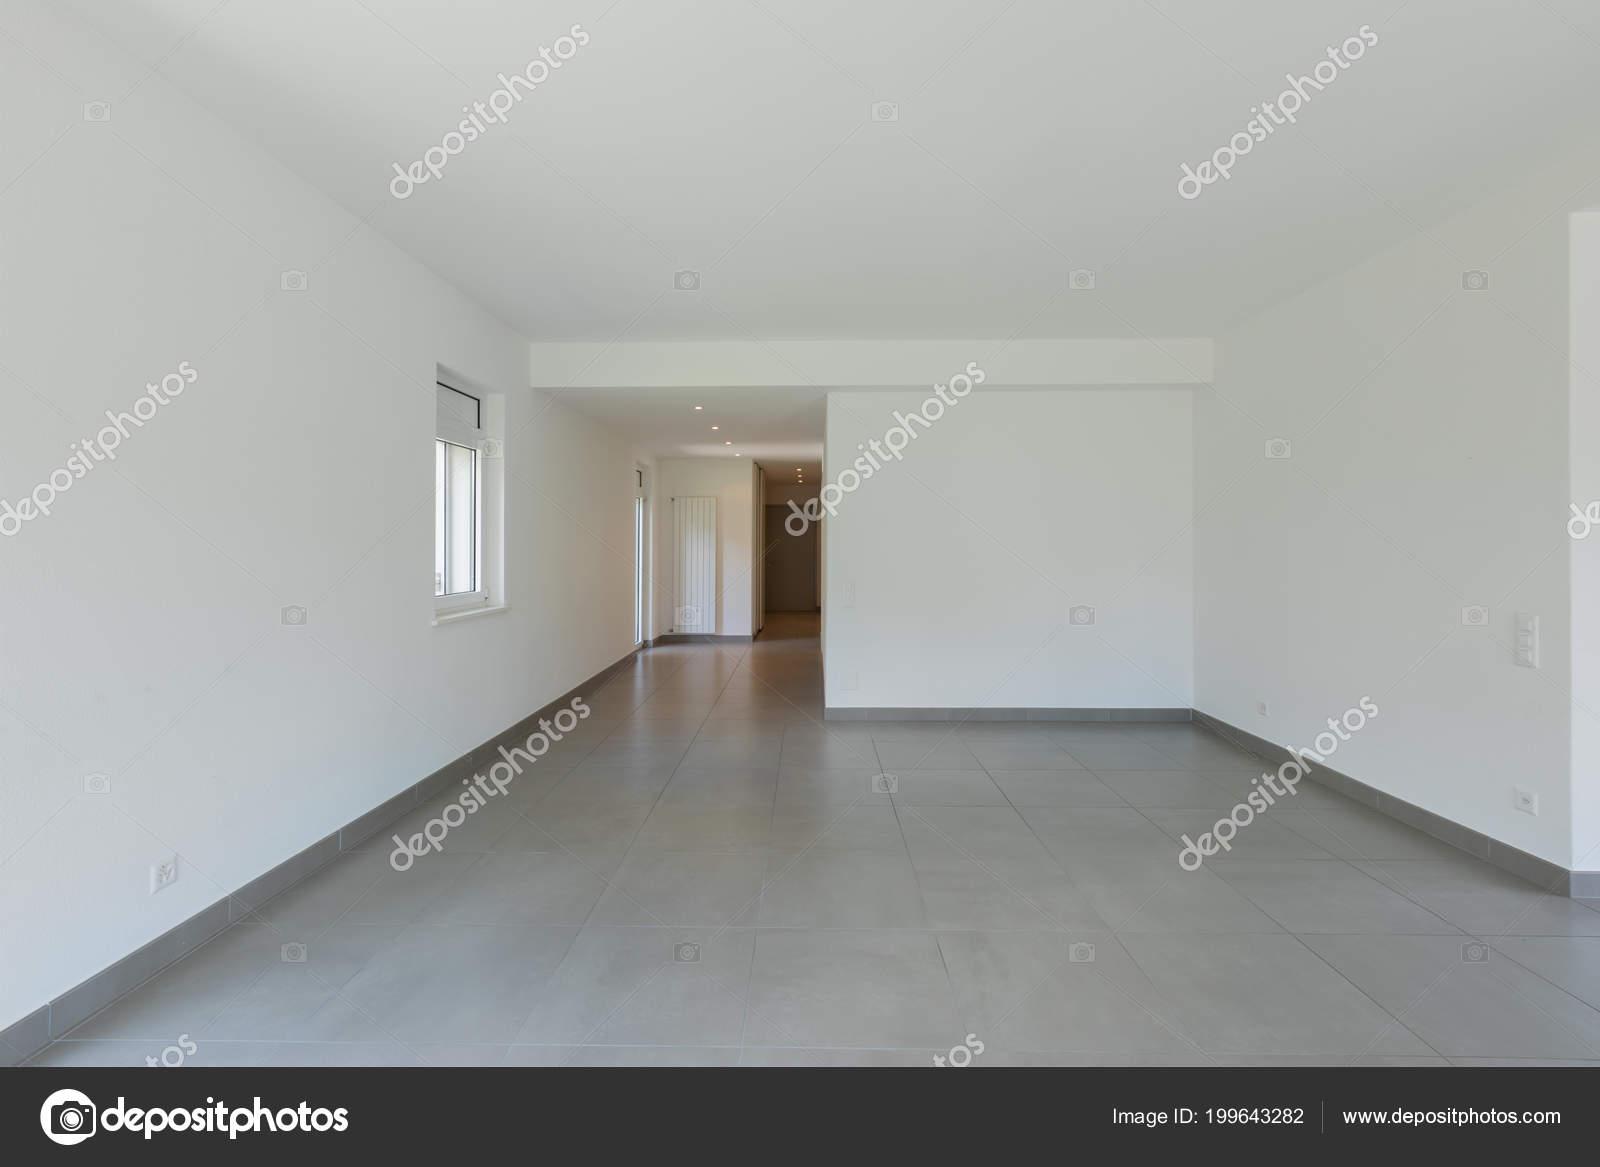 Volledig witte lege ruimte met gang ingang deur niemand binnen